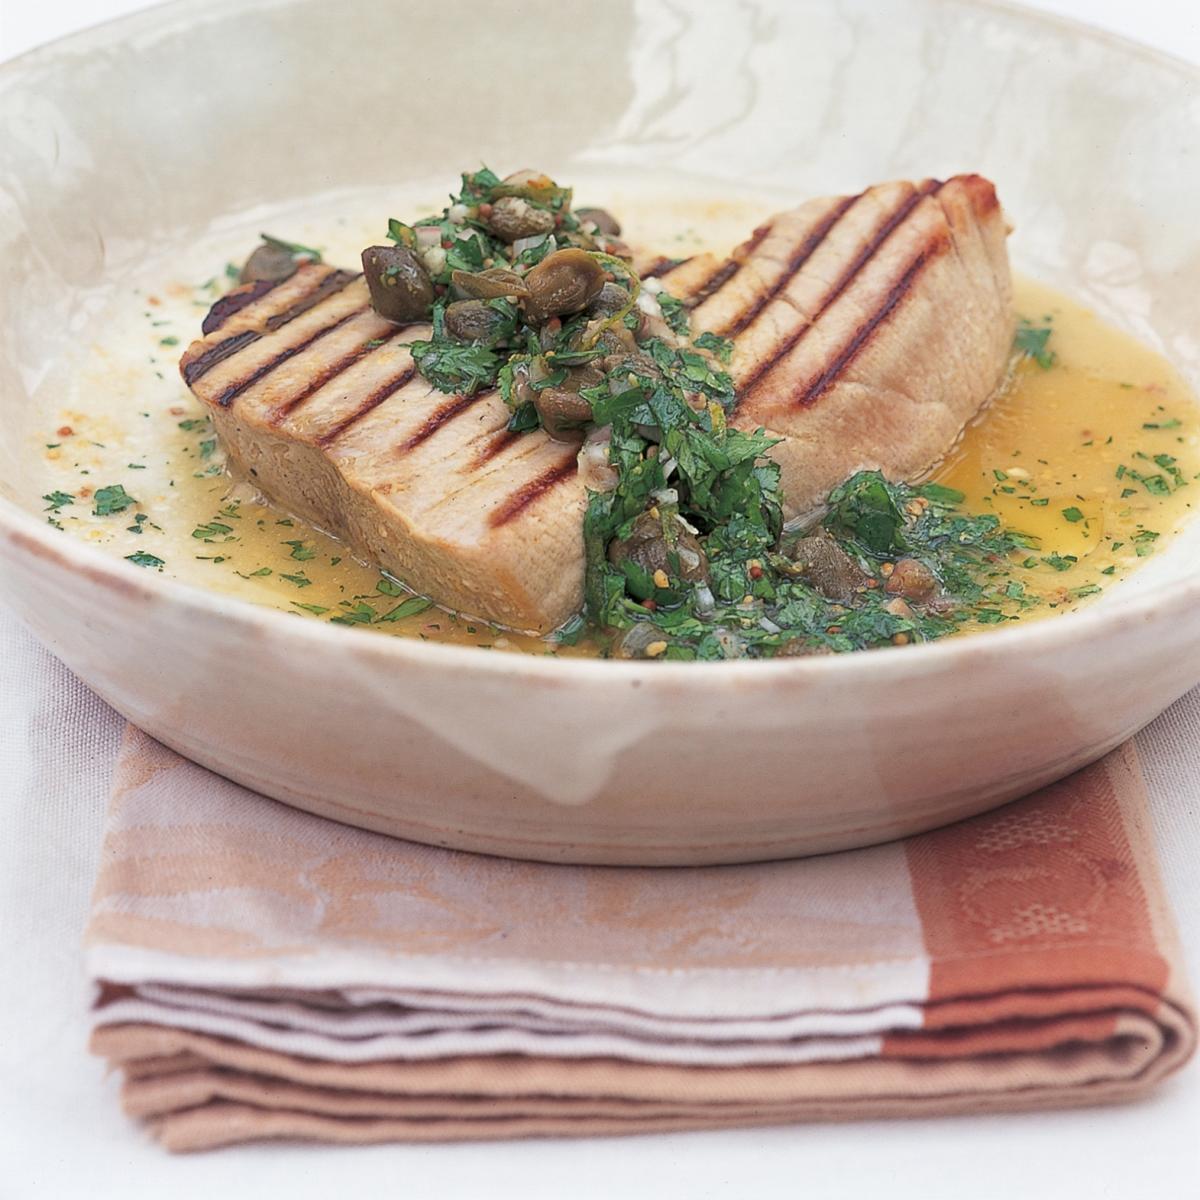 A picture of Delia's Char-grilled Tuna with Warm Coriander and Caper Vinaigrette recipe